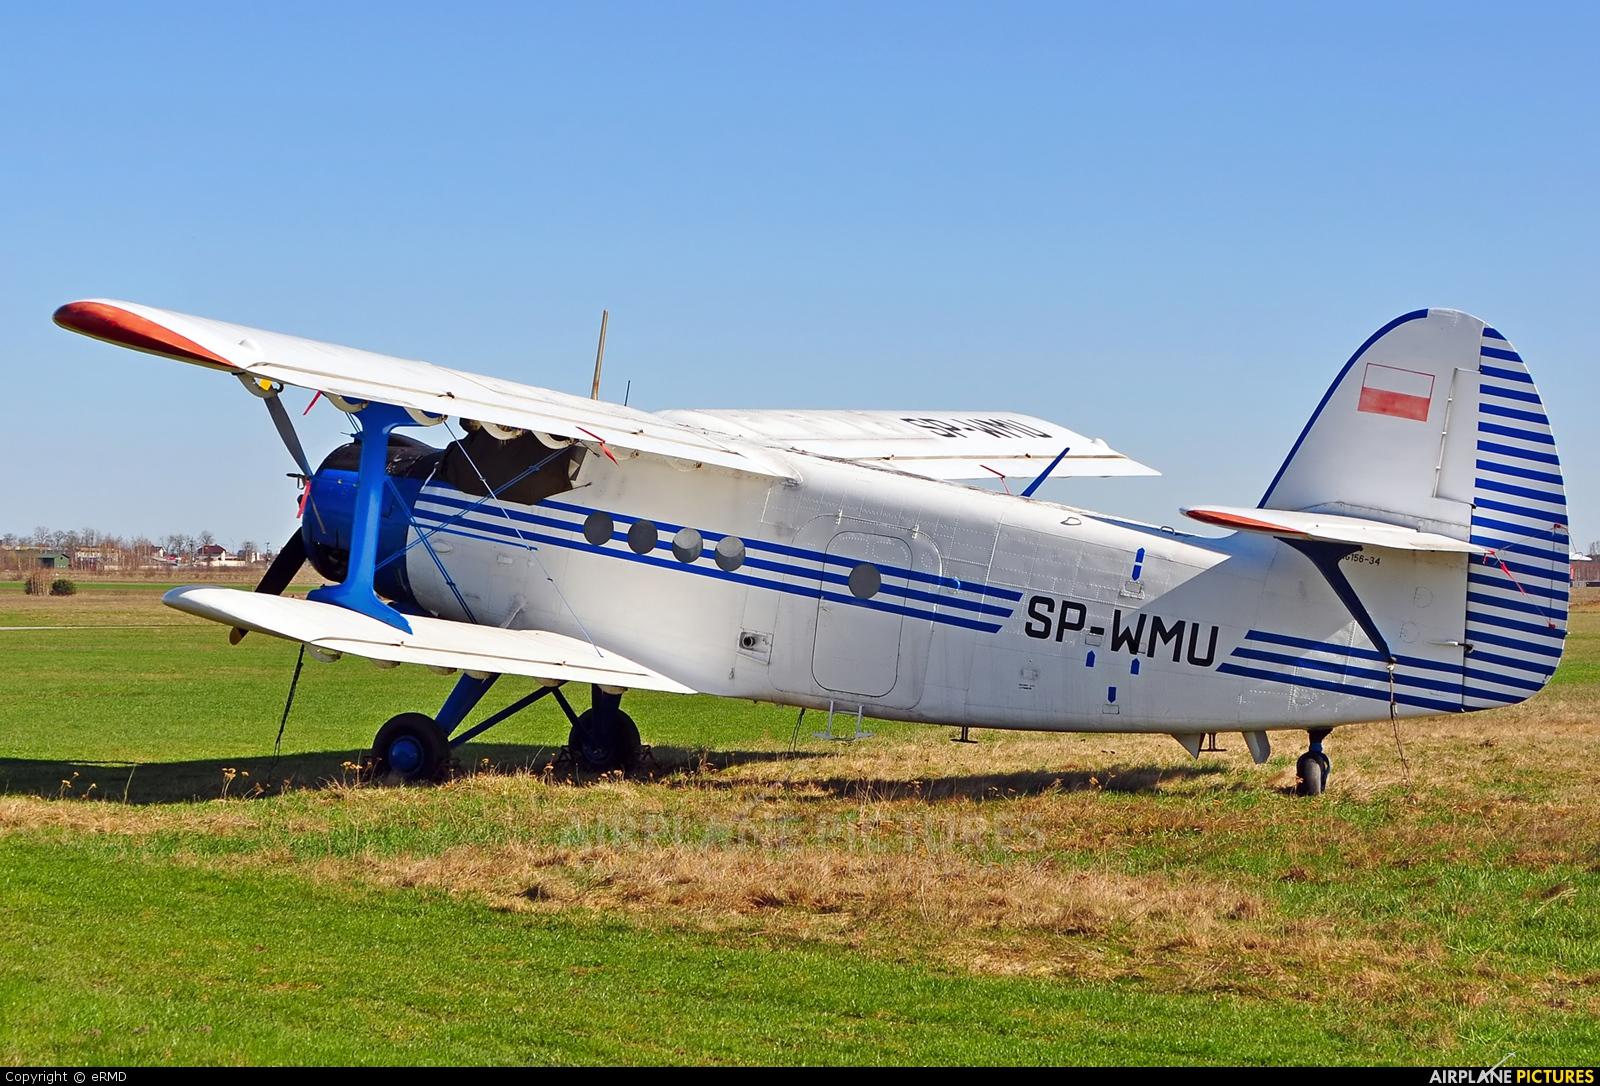 ZUA Mielec SP-WMU aircraft at Radom - Piastów